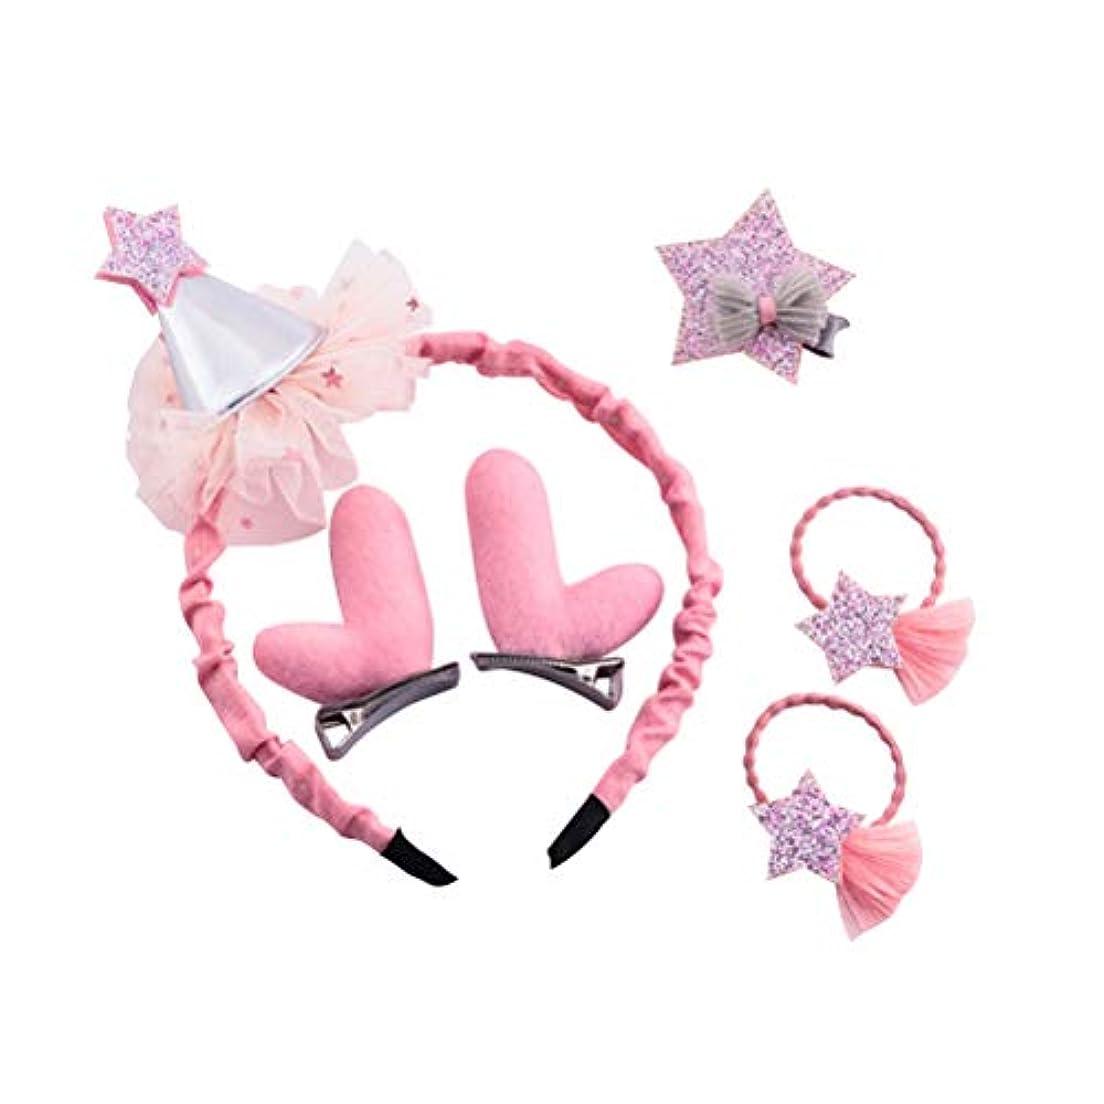 花婿機関ハシーBESTOYARD クリスマスの髪のアクセサリー帽子のレンダーの飾り飾りヘッドバンドのヘアクリップ女の子のためのピンバレッタの髪の弾性(ピンク)